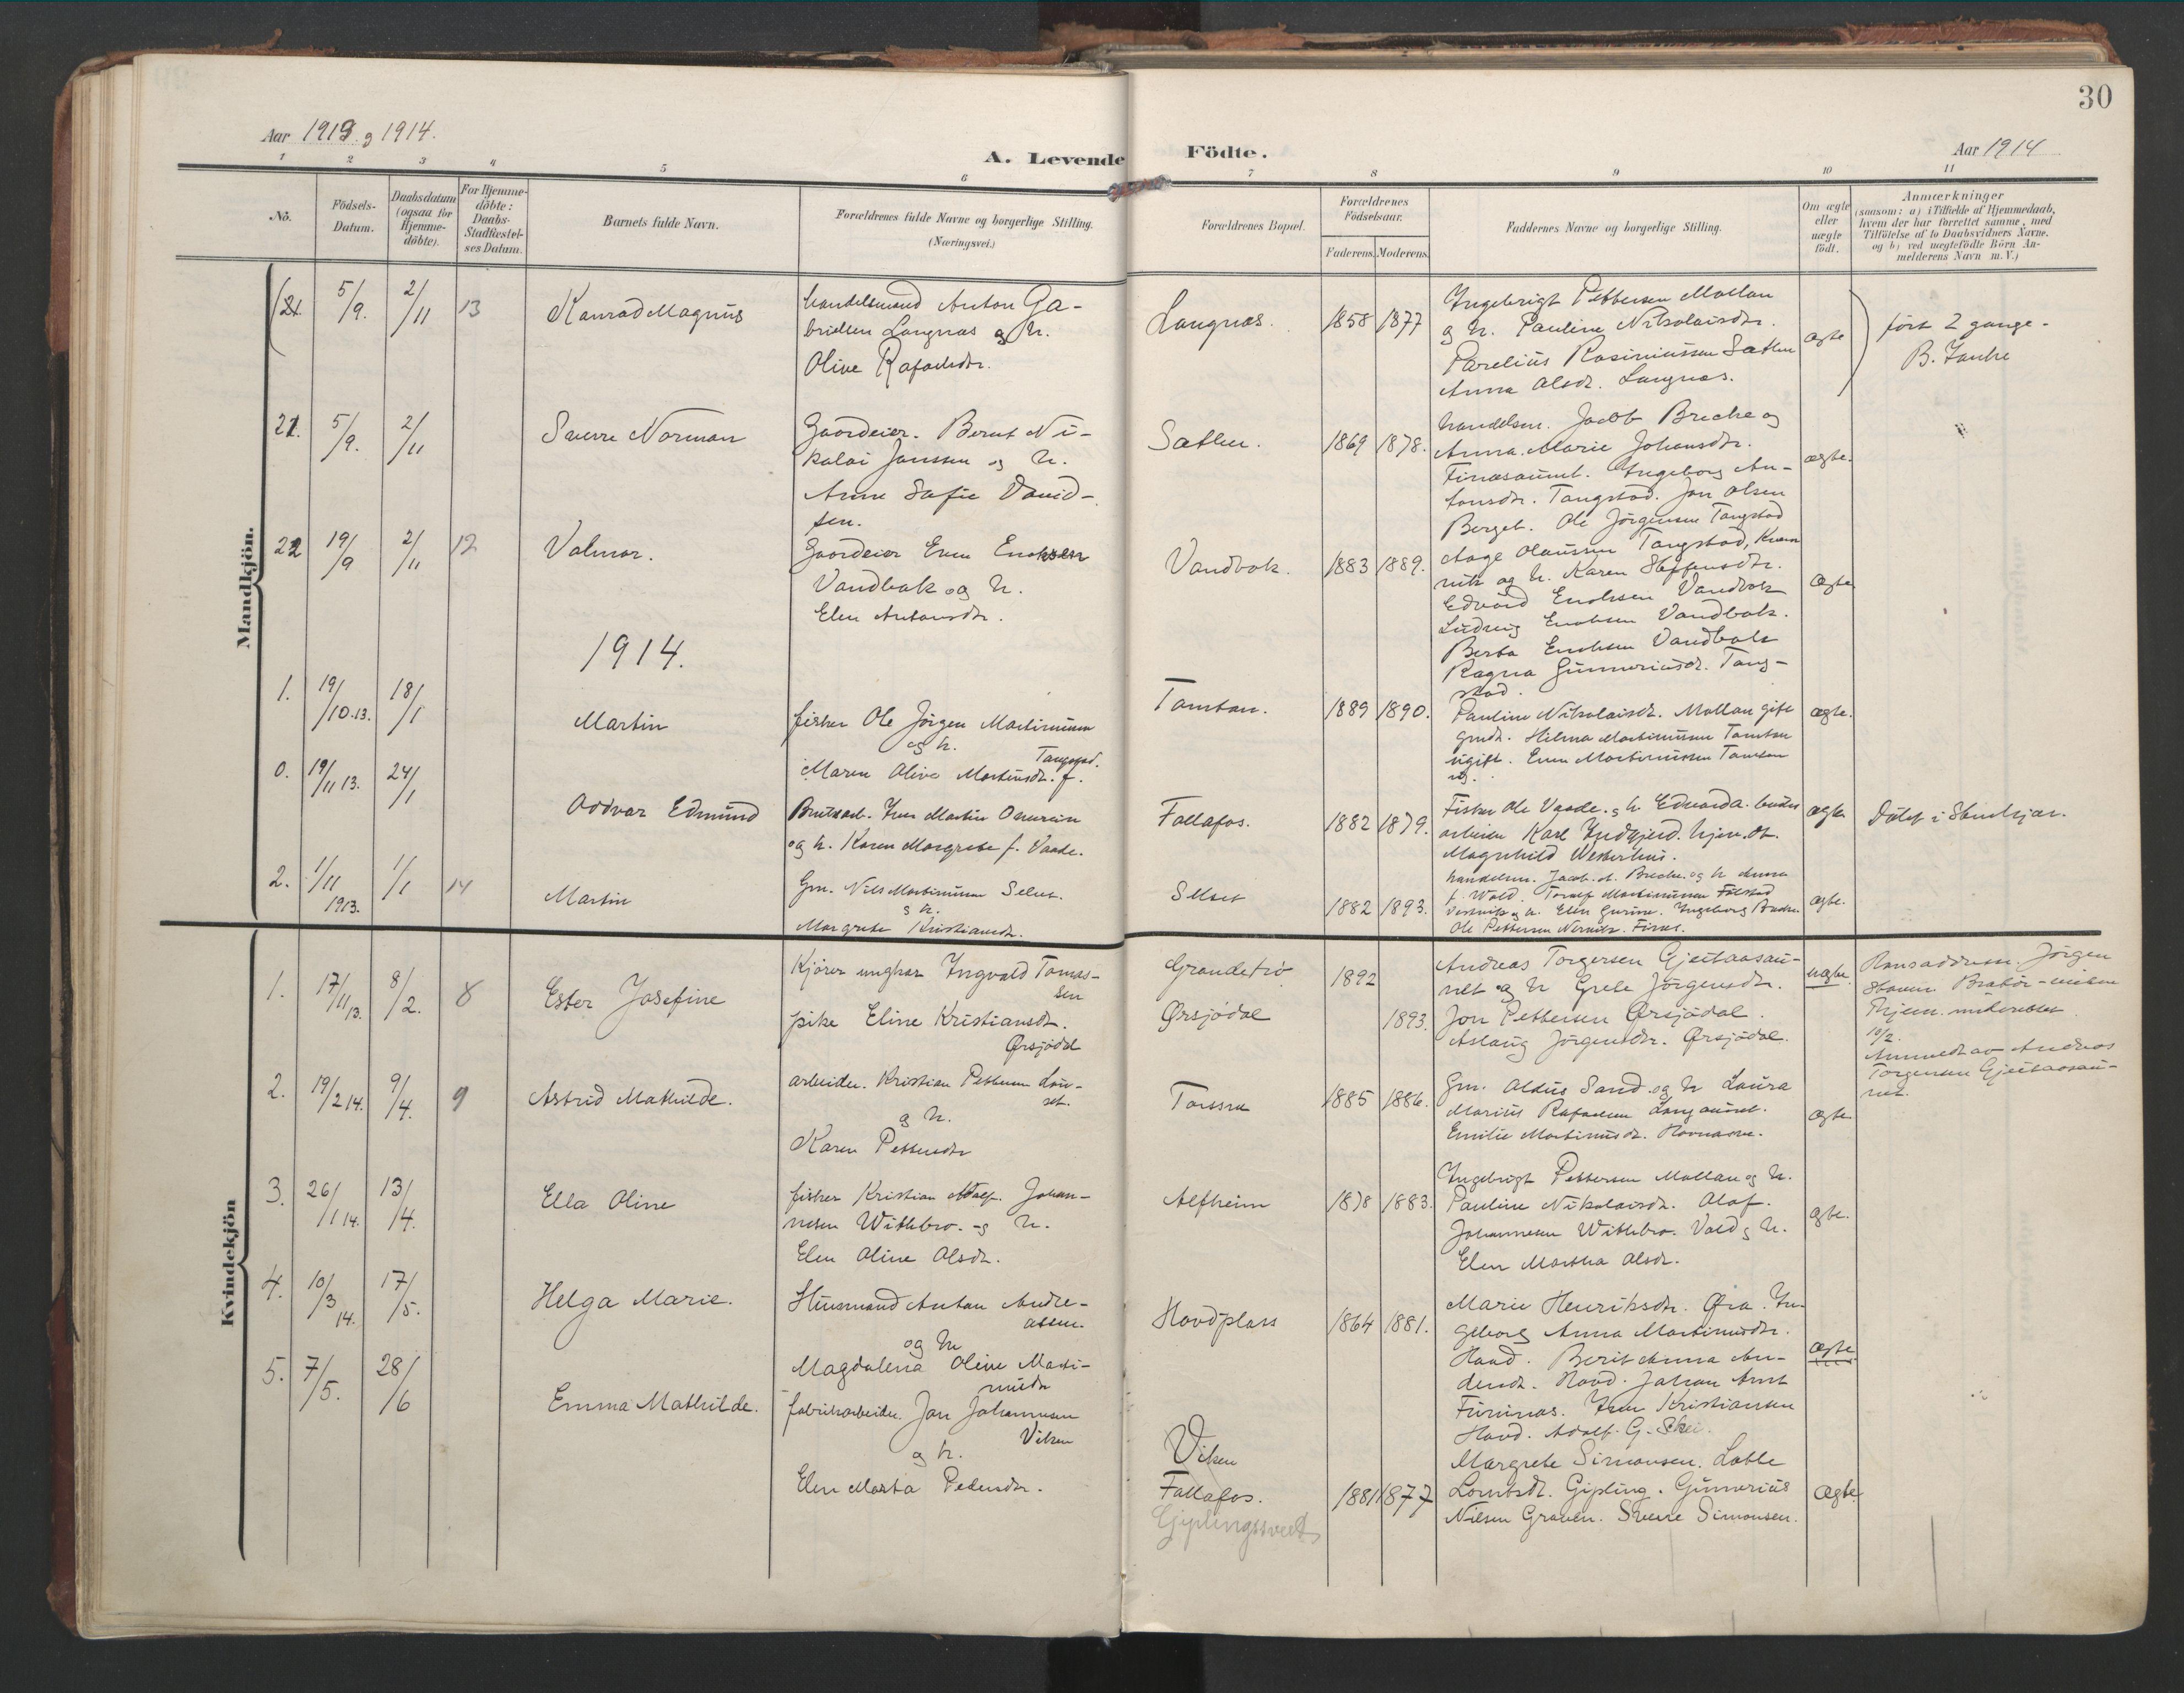 SAT, Ministerialprotokoller, klokkerbøker og fødselsregistre - Nord-Trøndelag, 744/L0421: Ministerialbok nr. 744A05, 1905-1930, s. 30